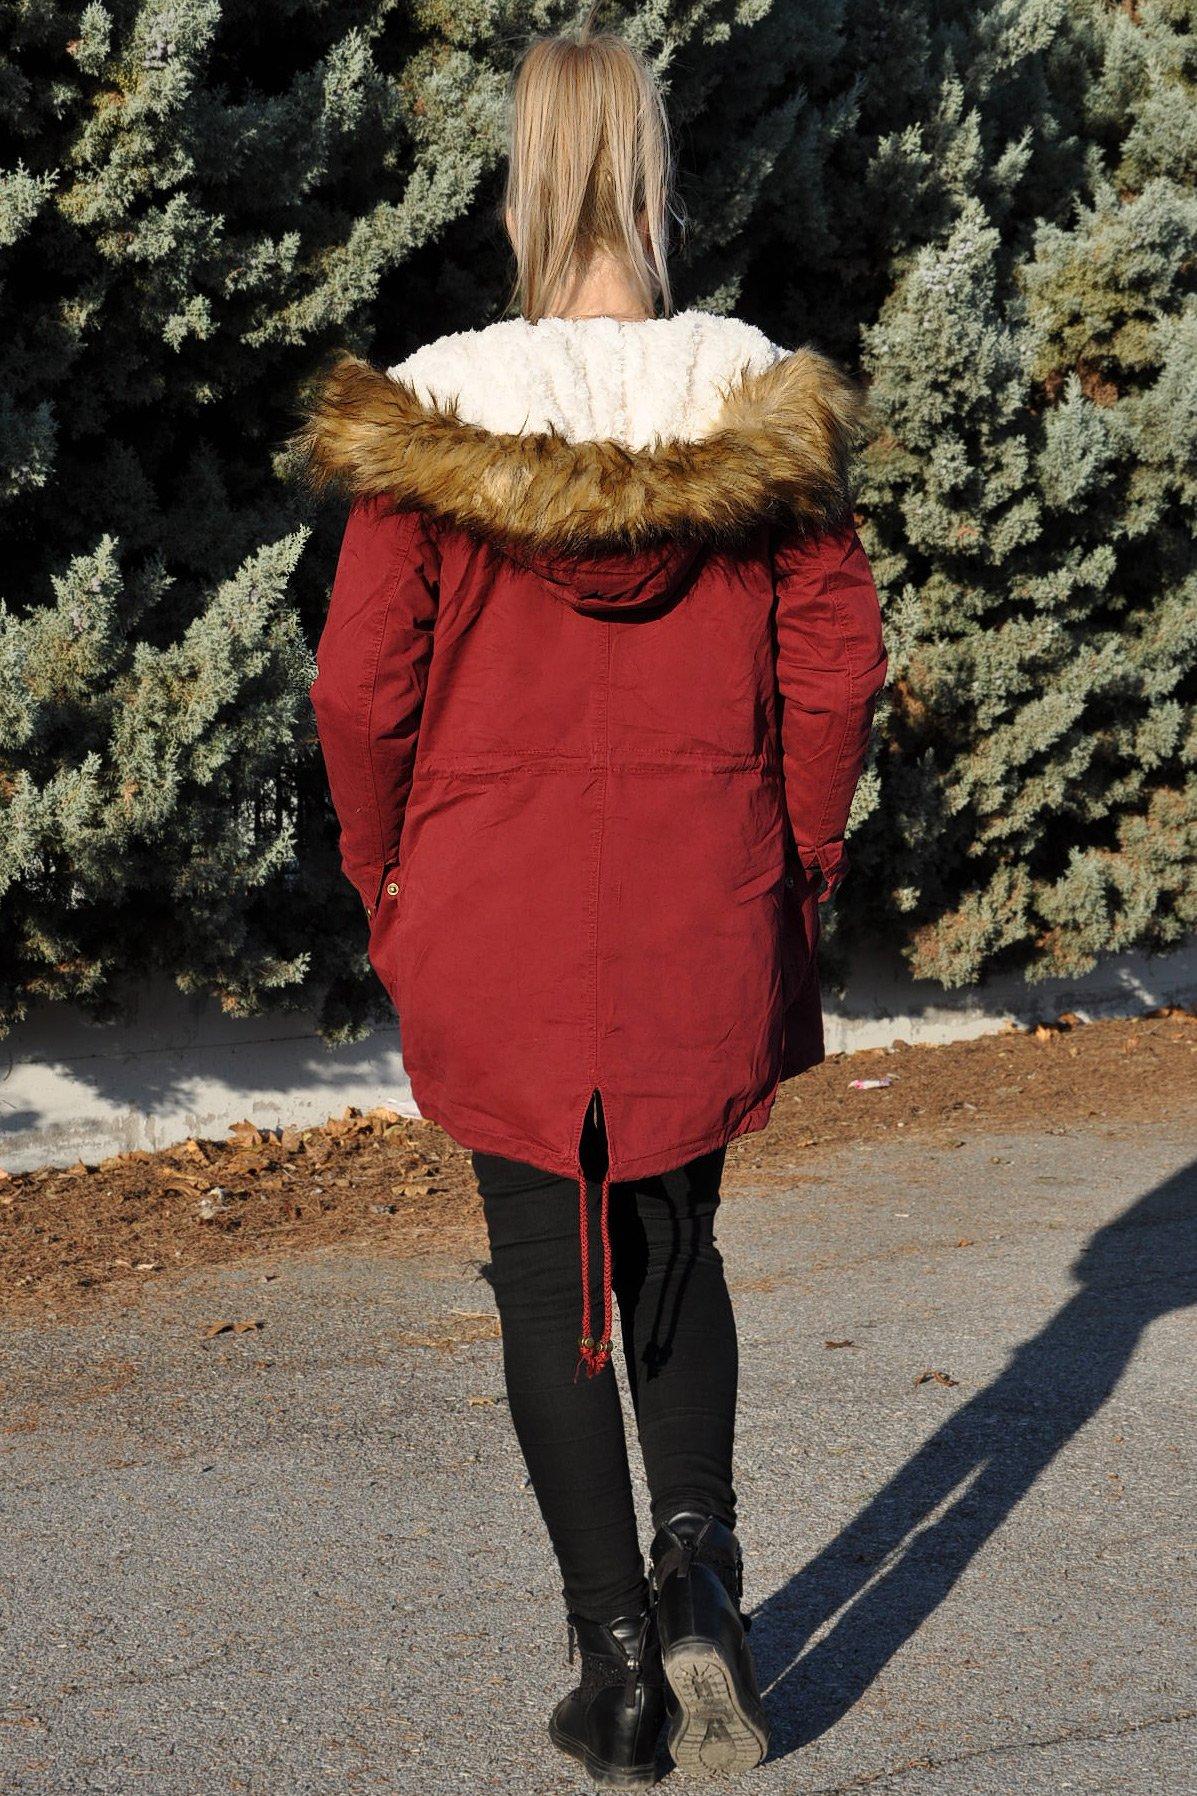 Γυναικείο μπουφάν παρκά με γούνινη κουκούλα σε μπορντό χρώμα d7acafd3bb8